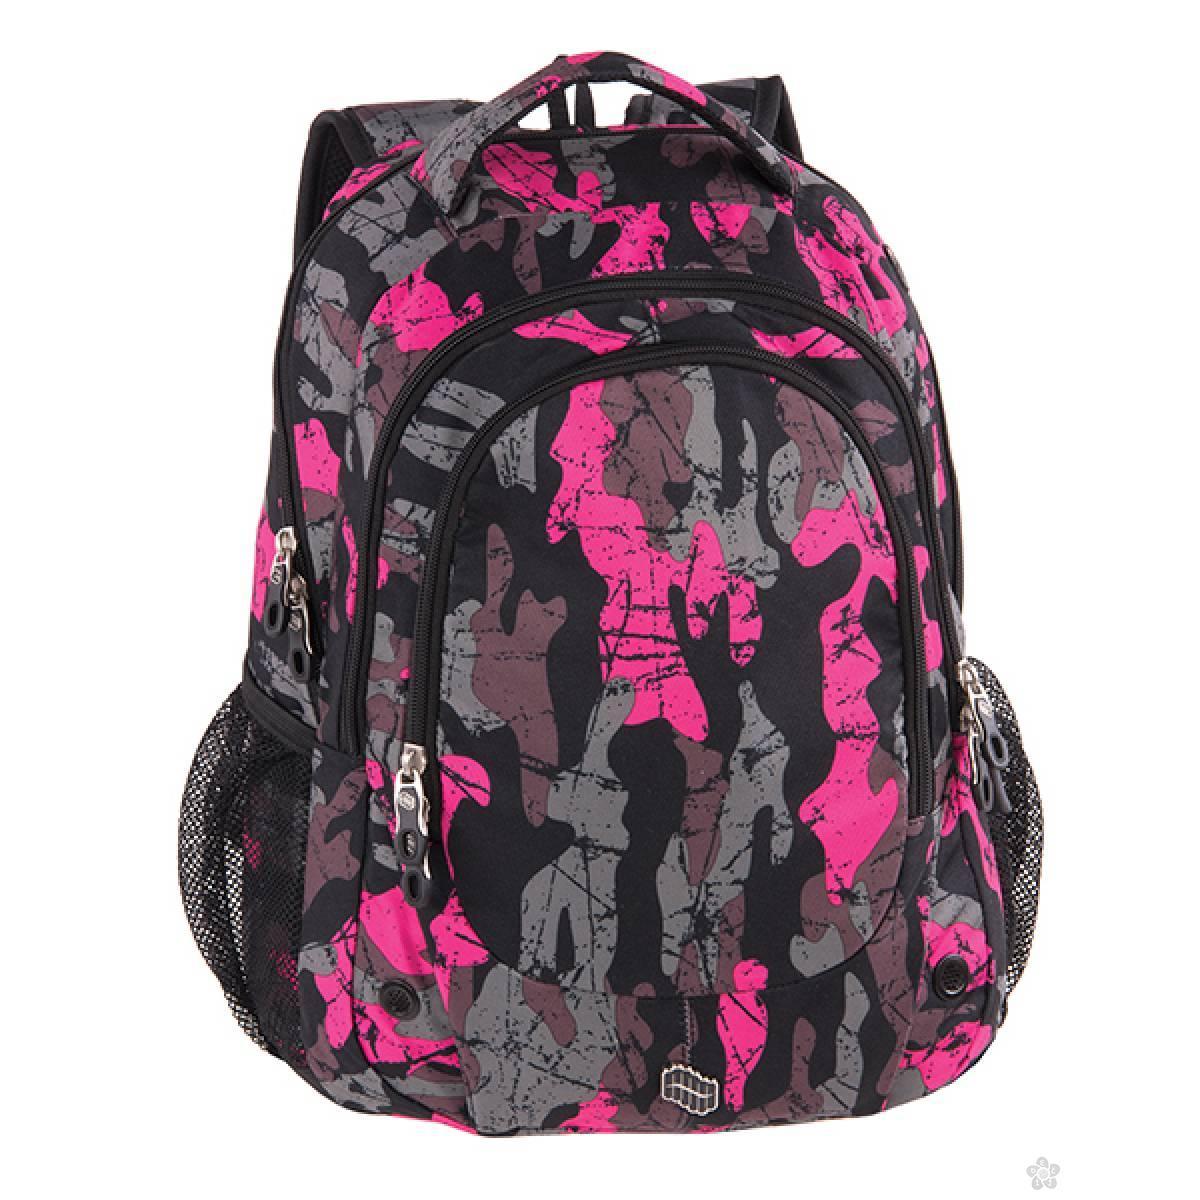 Ranac Blast Pink Army 121830